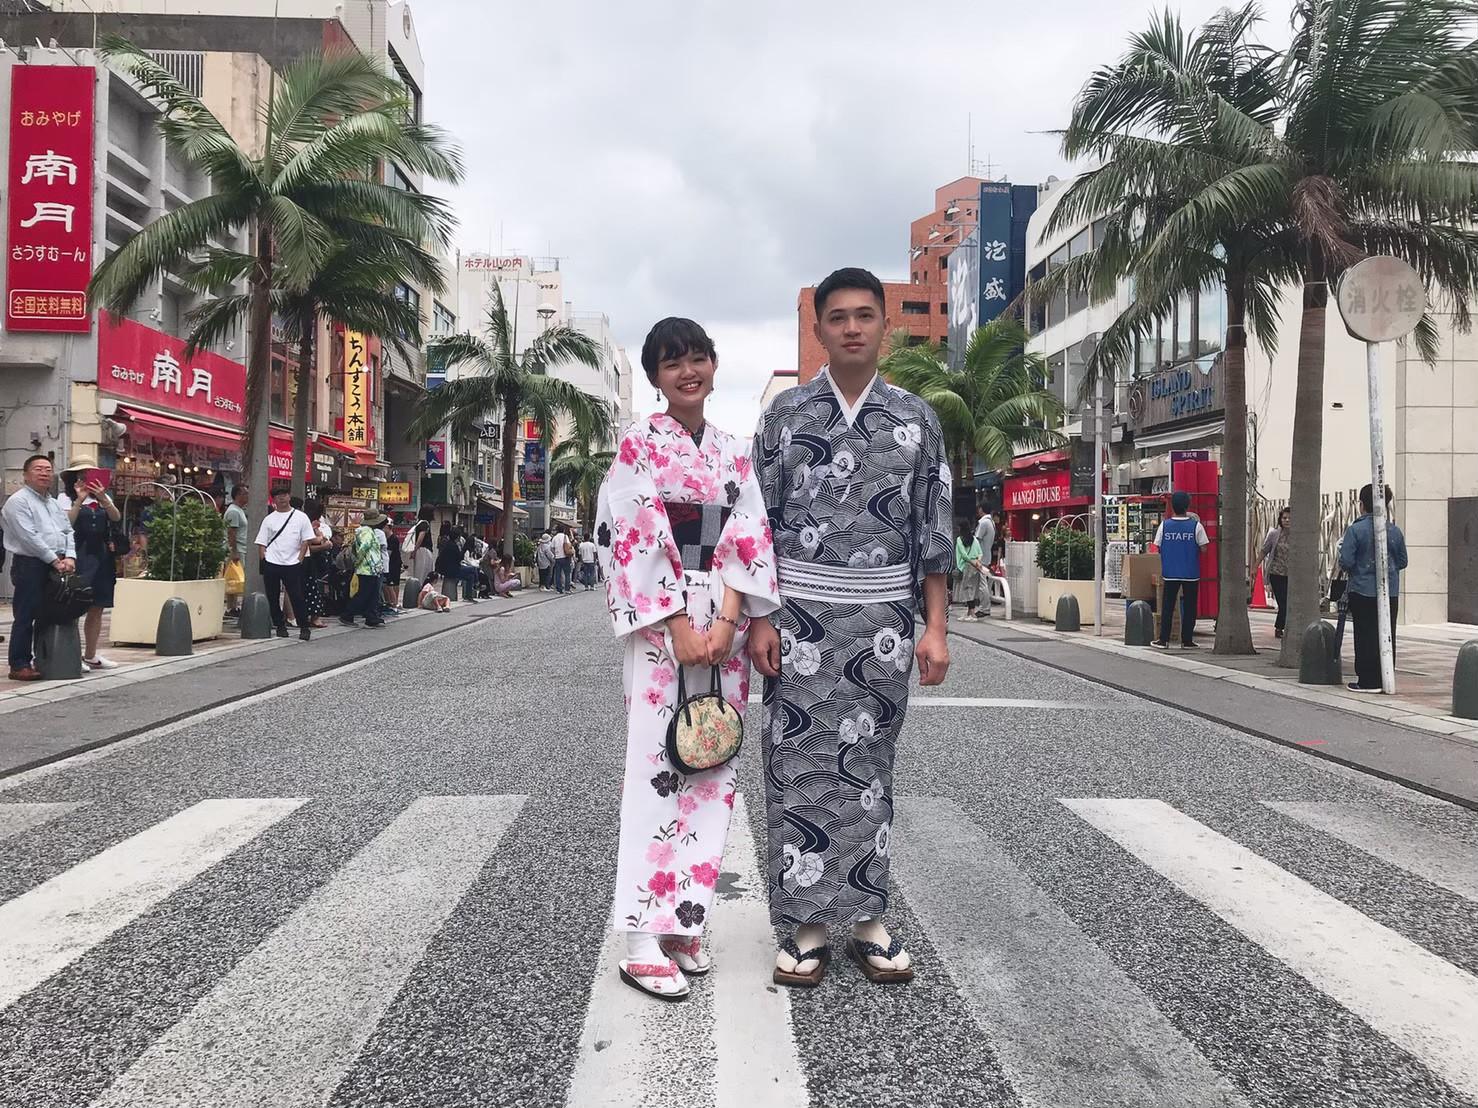 沖繩遊記|好想出國 🏵 住宿‧景點‧美食分享 🏵